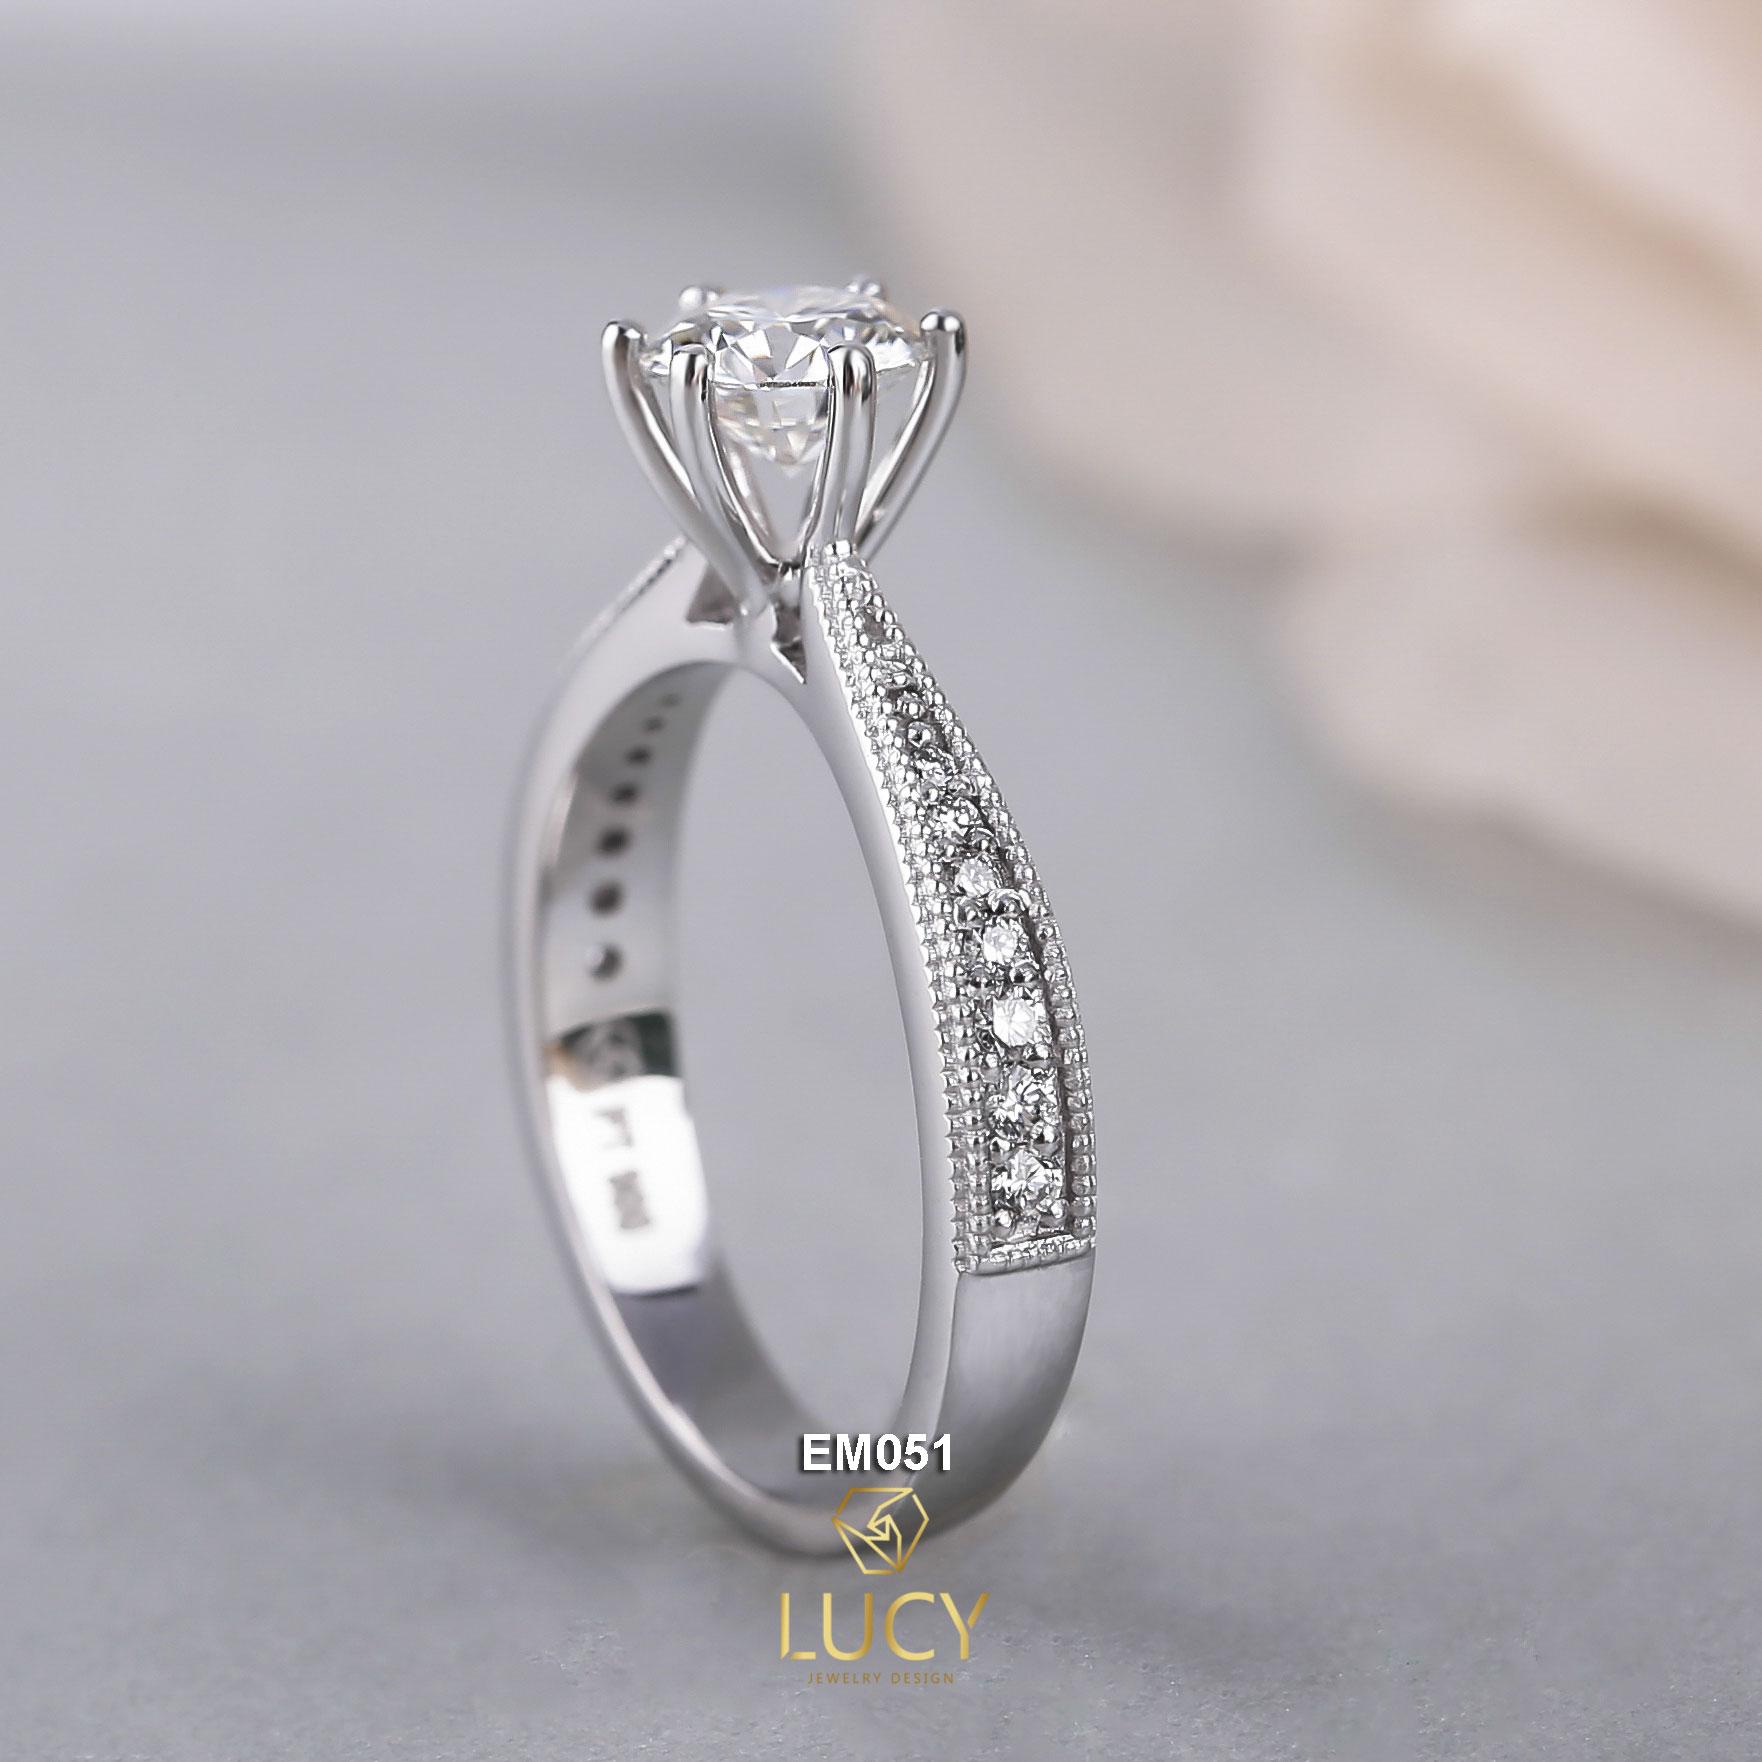 EM051 Nhẫn nữ vàng, nhẫn ổ 5.4mm nhẫn nữ thiết kế, nhẫn cầu hôn, nhẫn đính hôn - Lucy Jewelry